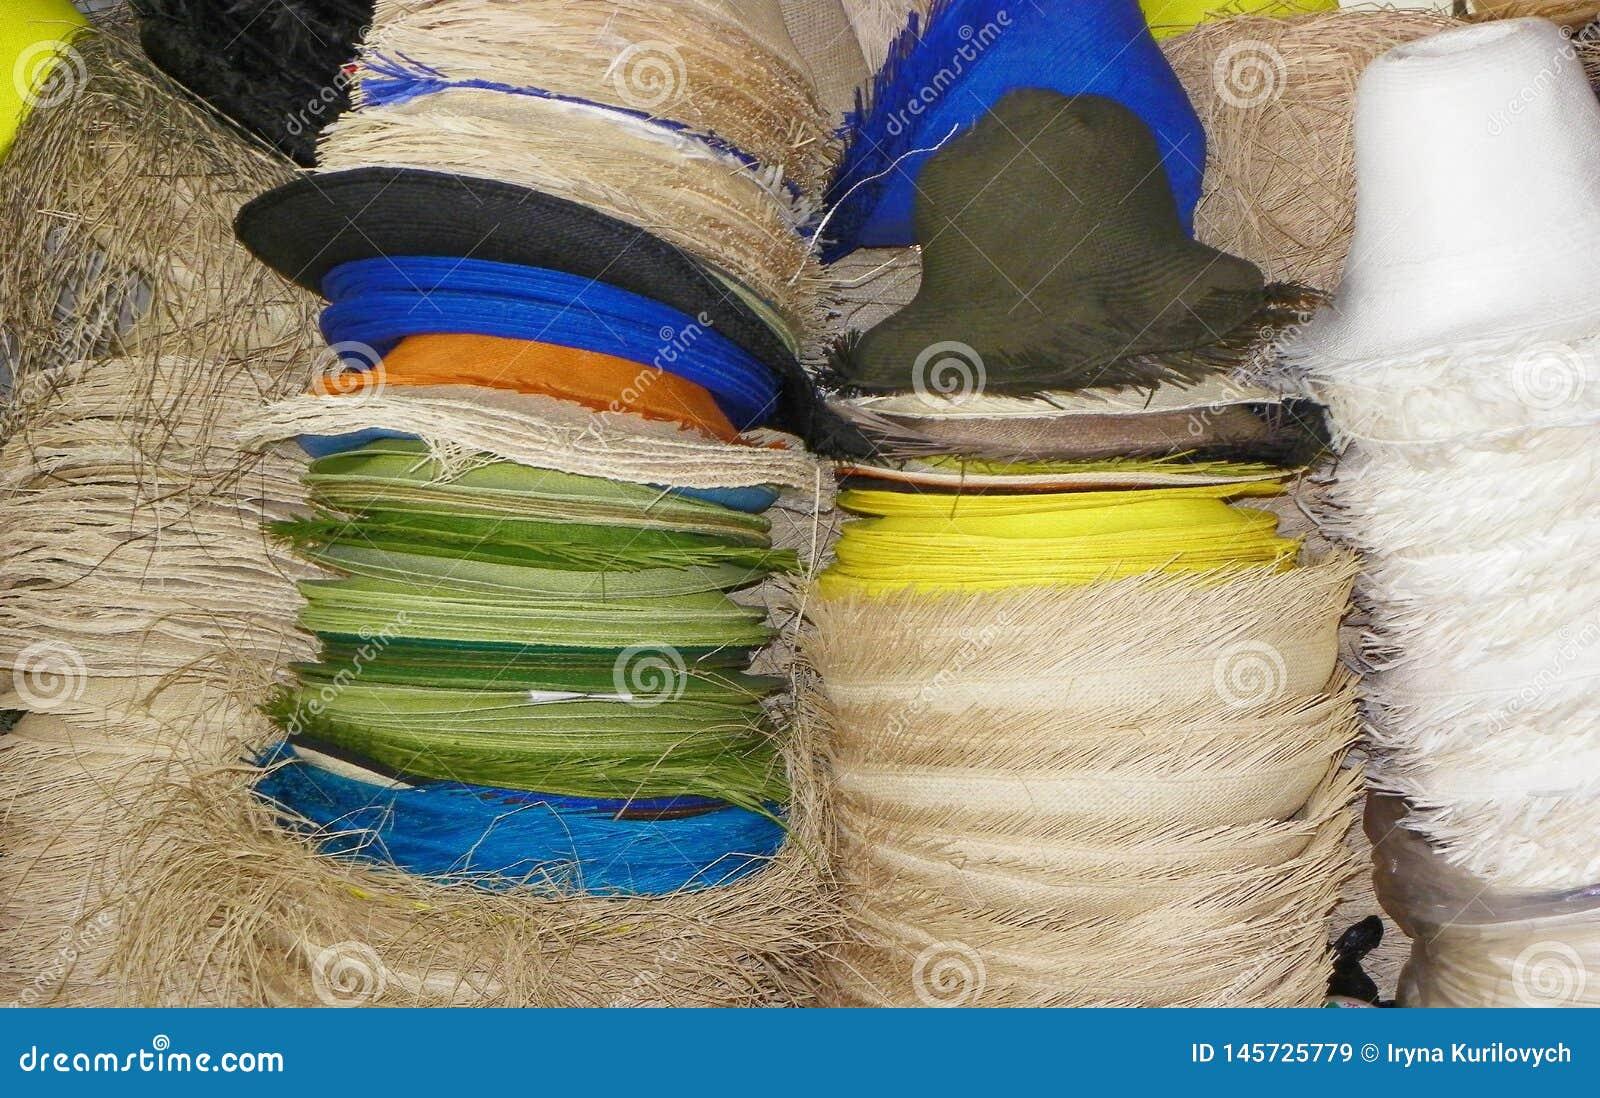 Chapéus de Panamá autênticos, Equador